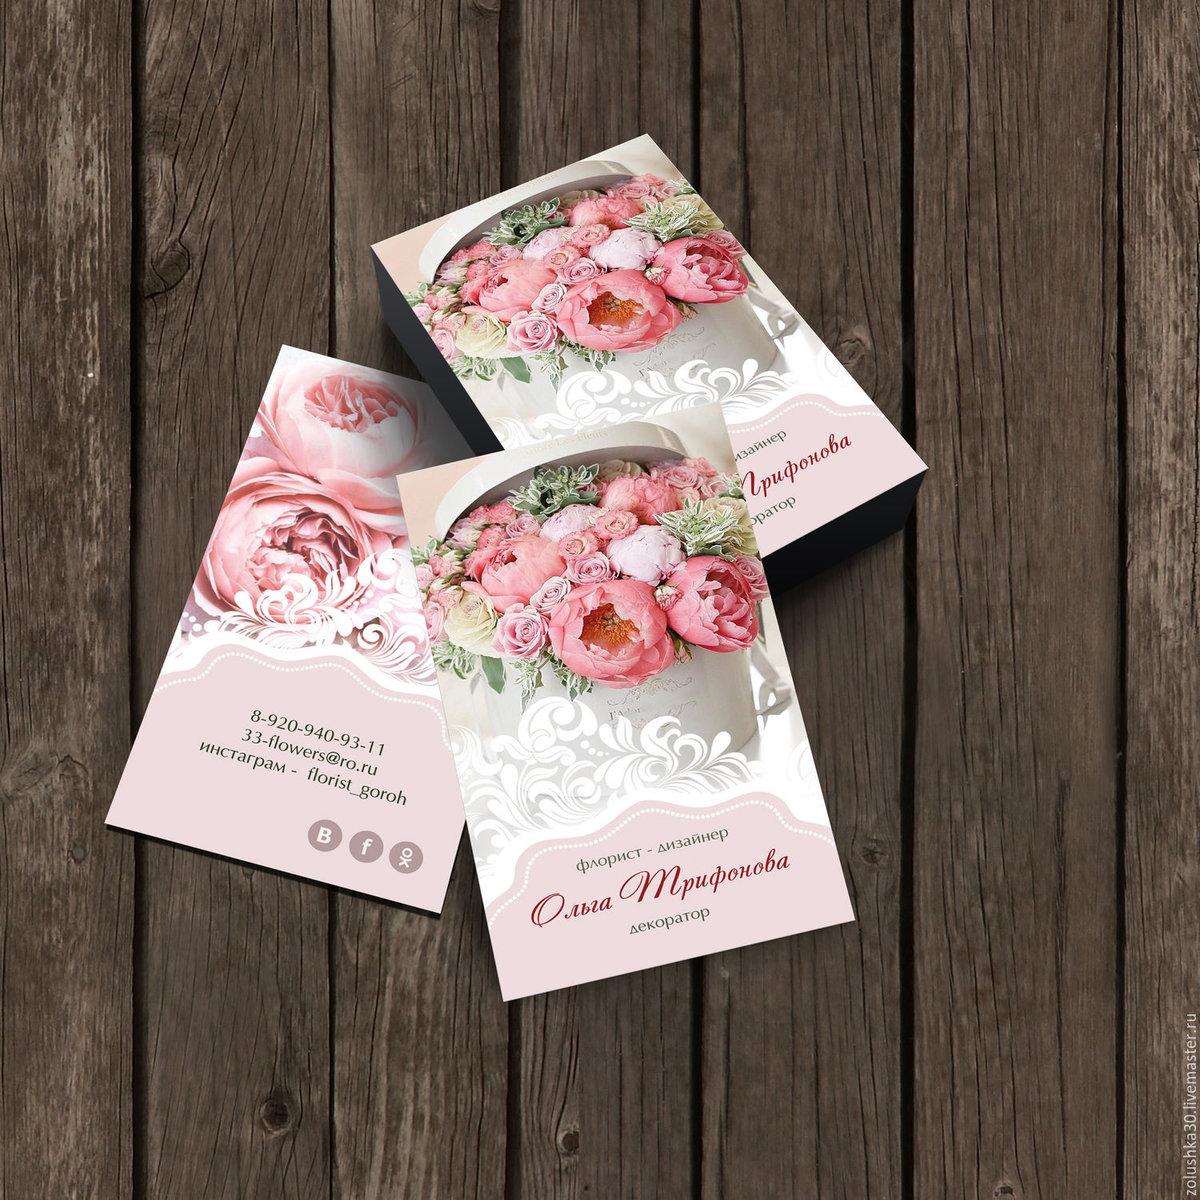 Анимашки, заказать визитки открытки